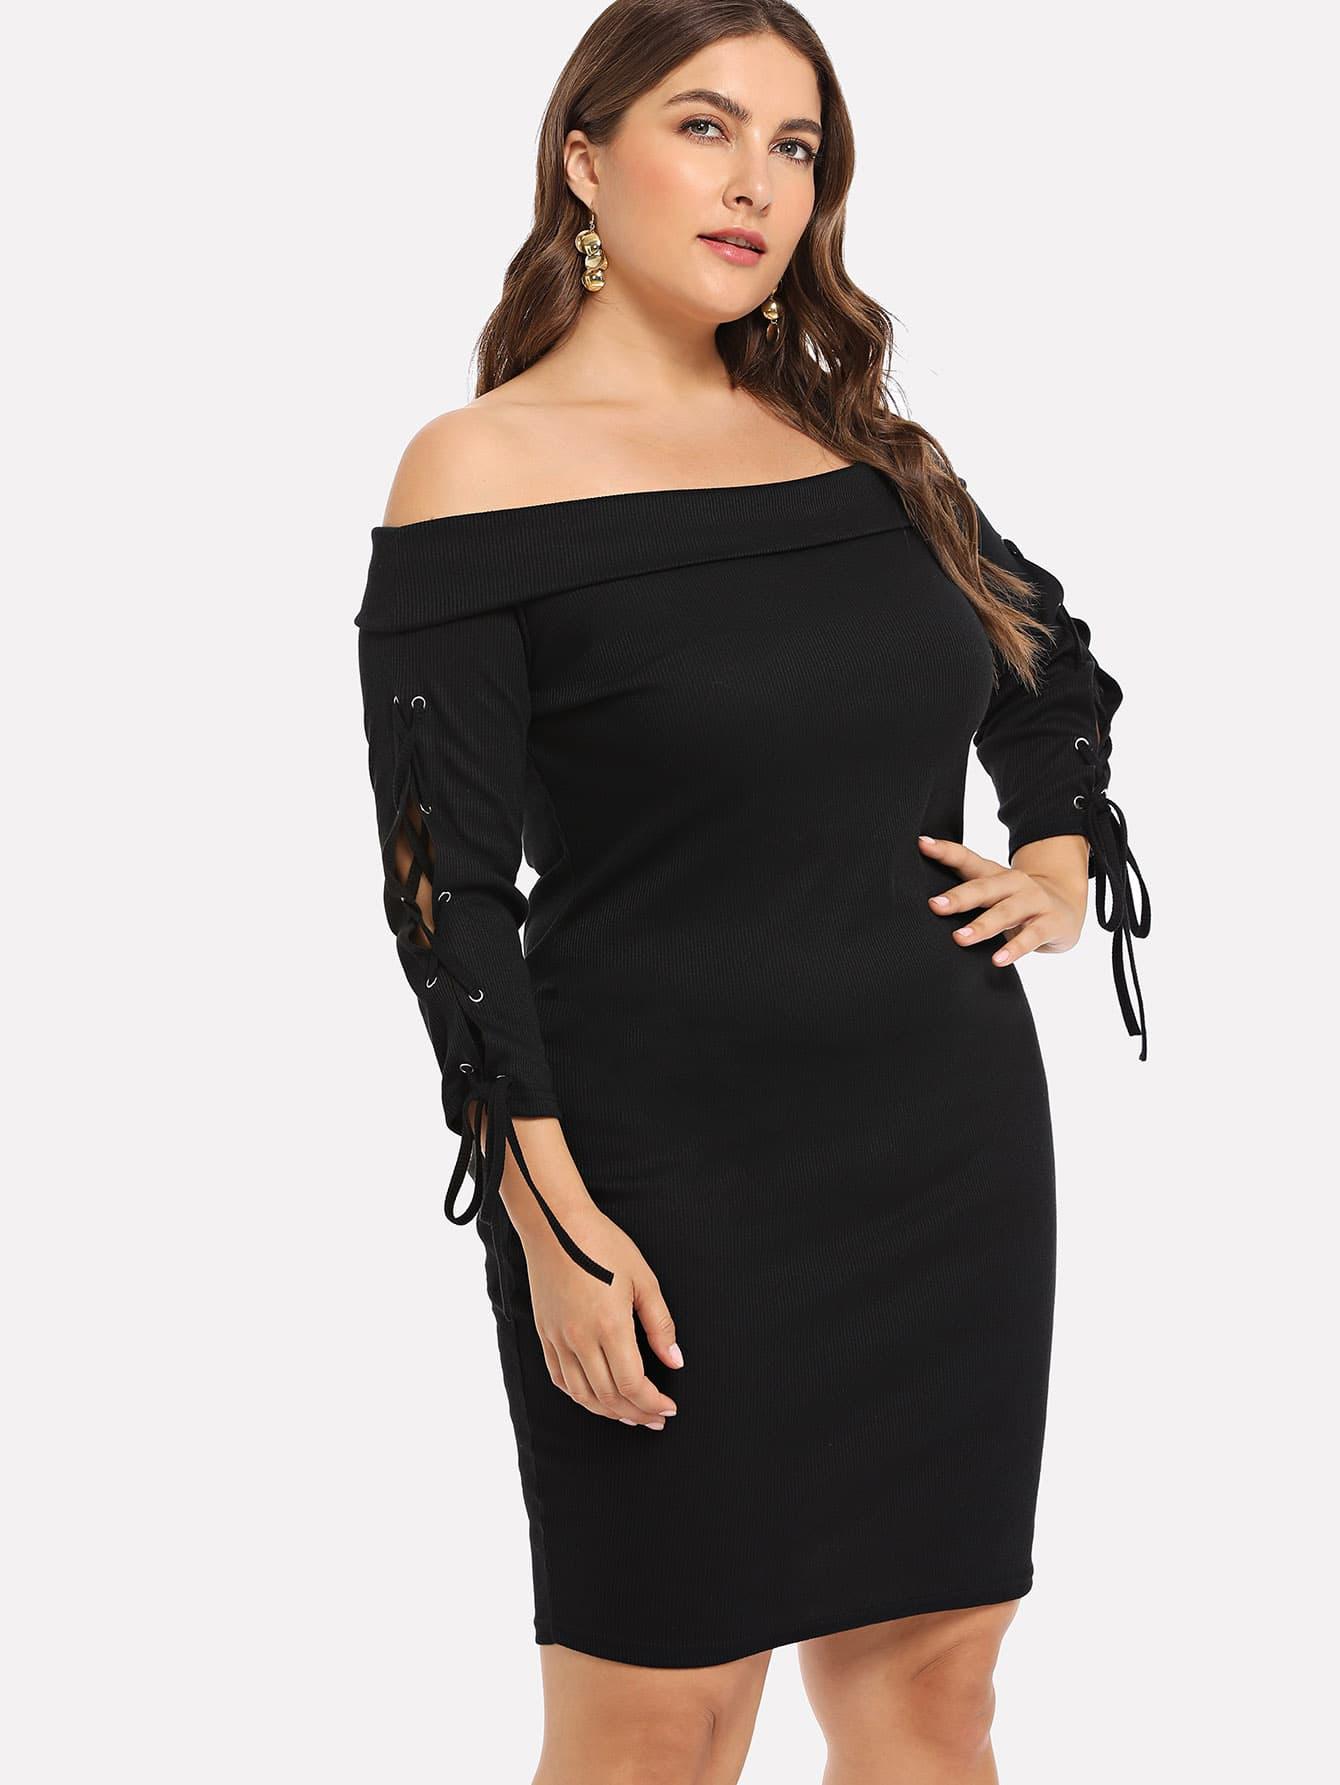 Купить Большое платье без бретелек и с шнурками, Franziska, SheIn